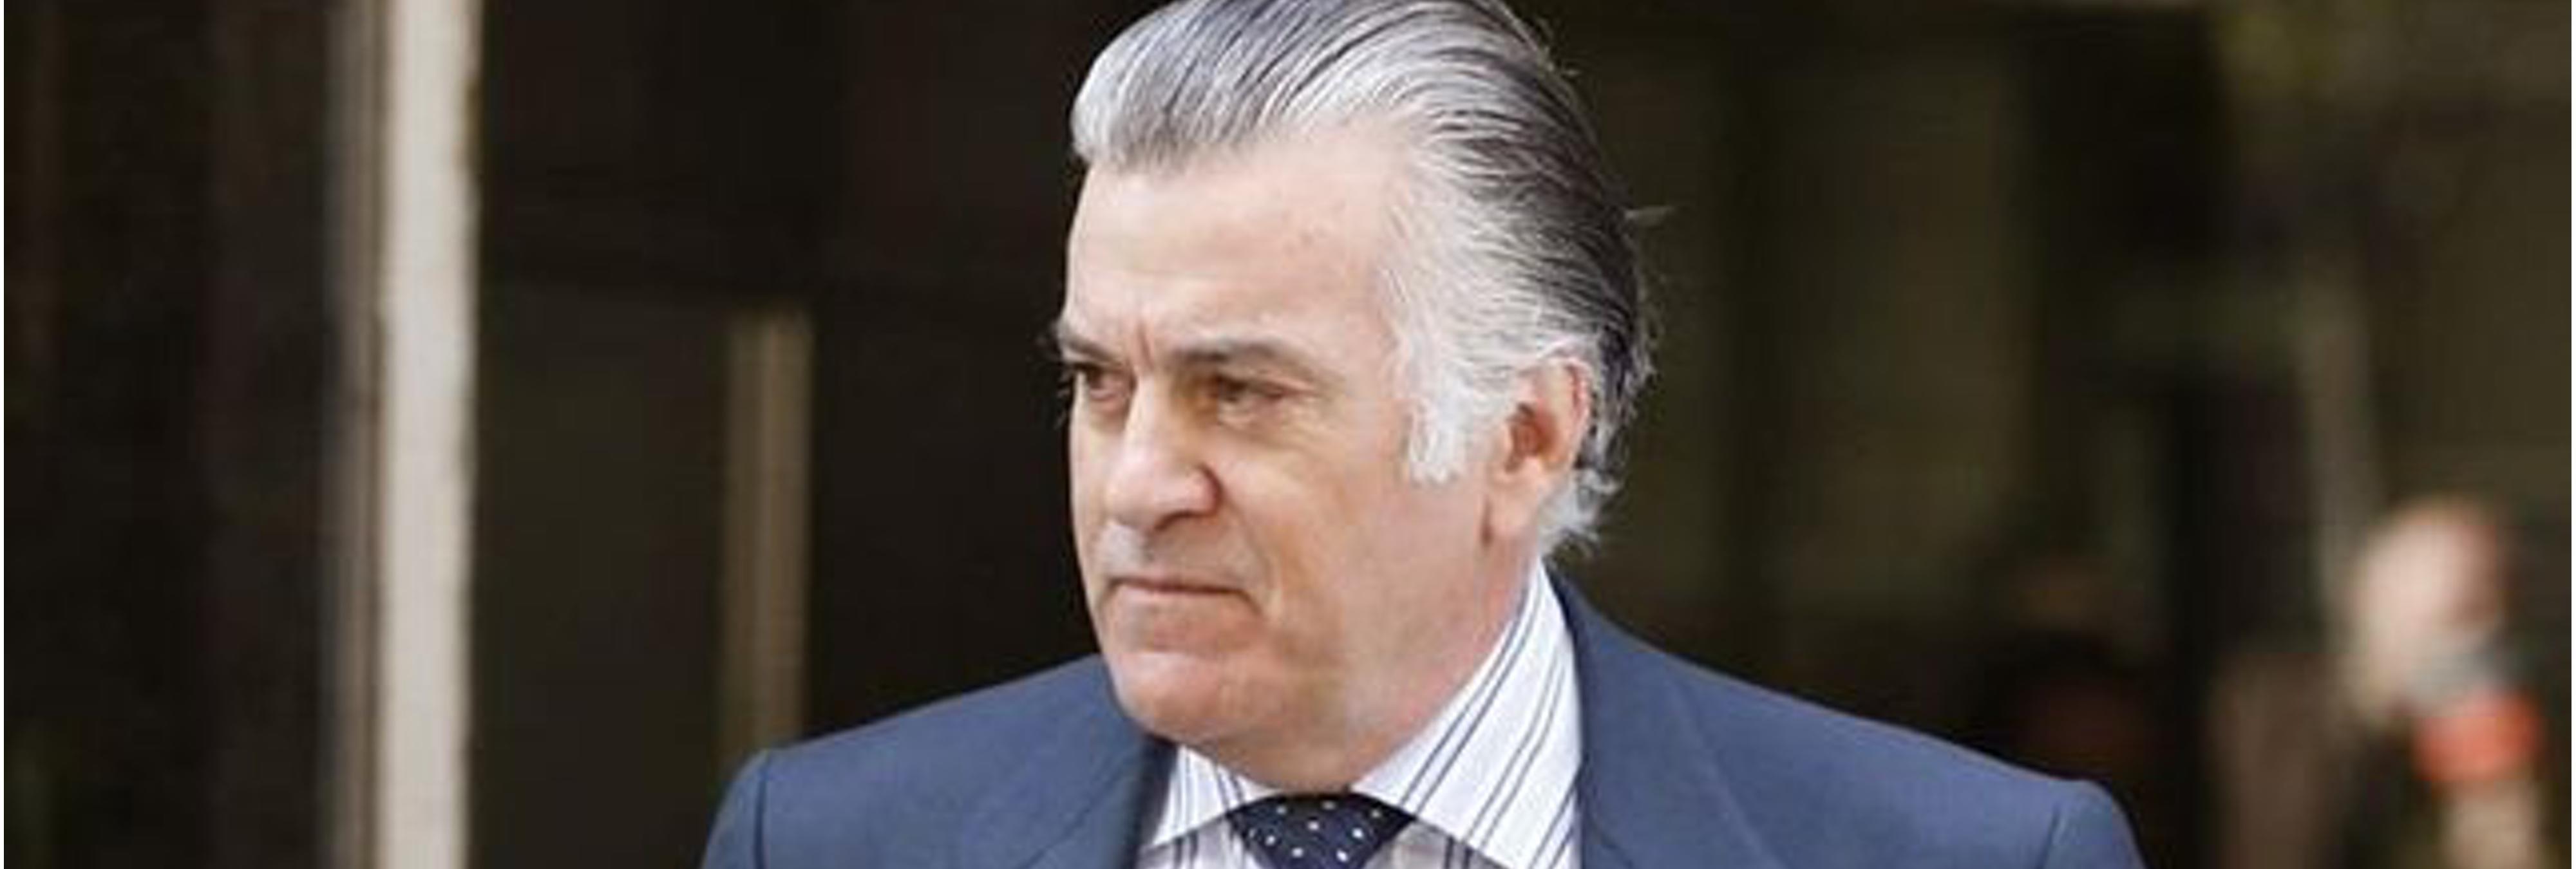 La Fiscalía rebaja tres años la petición de cárcel a Luis Bárcenas por la trama Gürtel